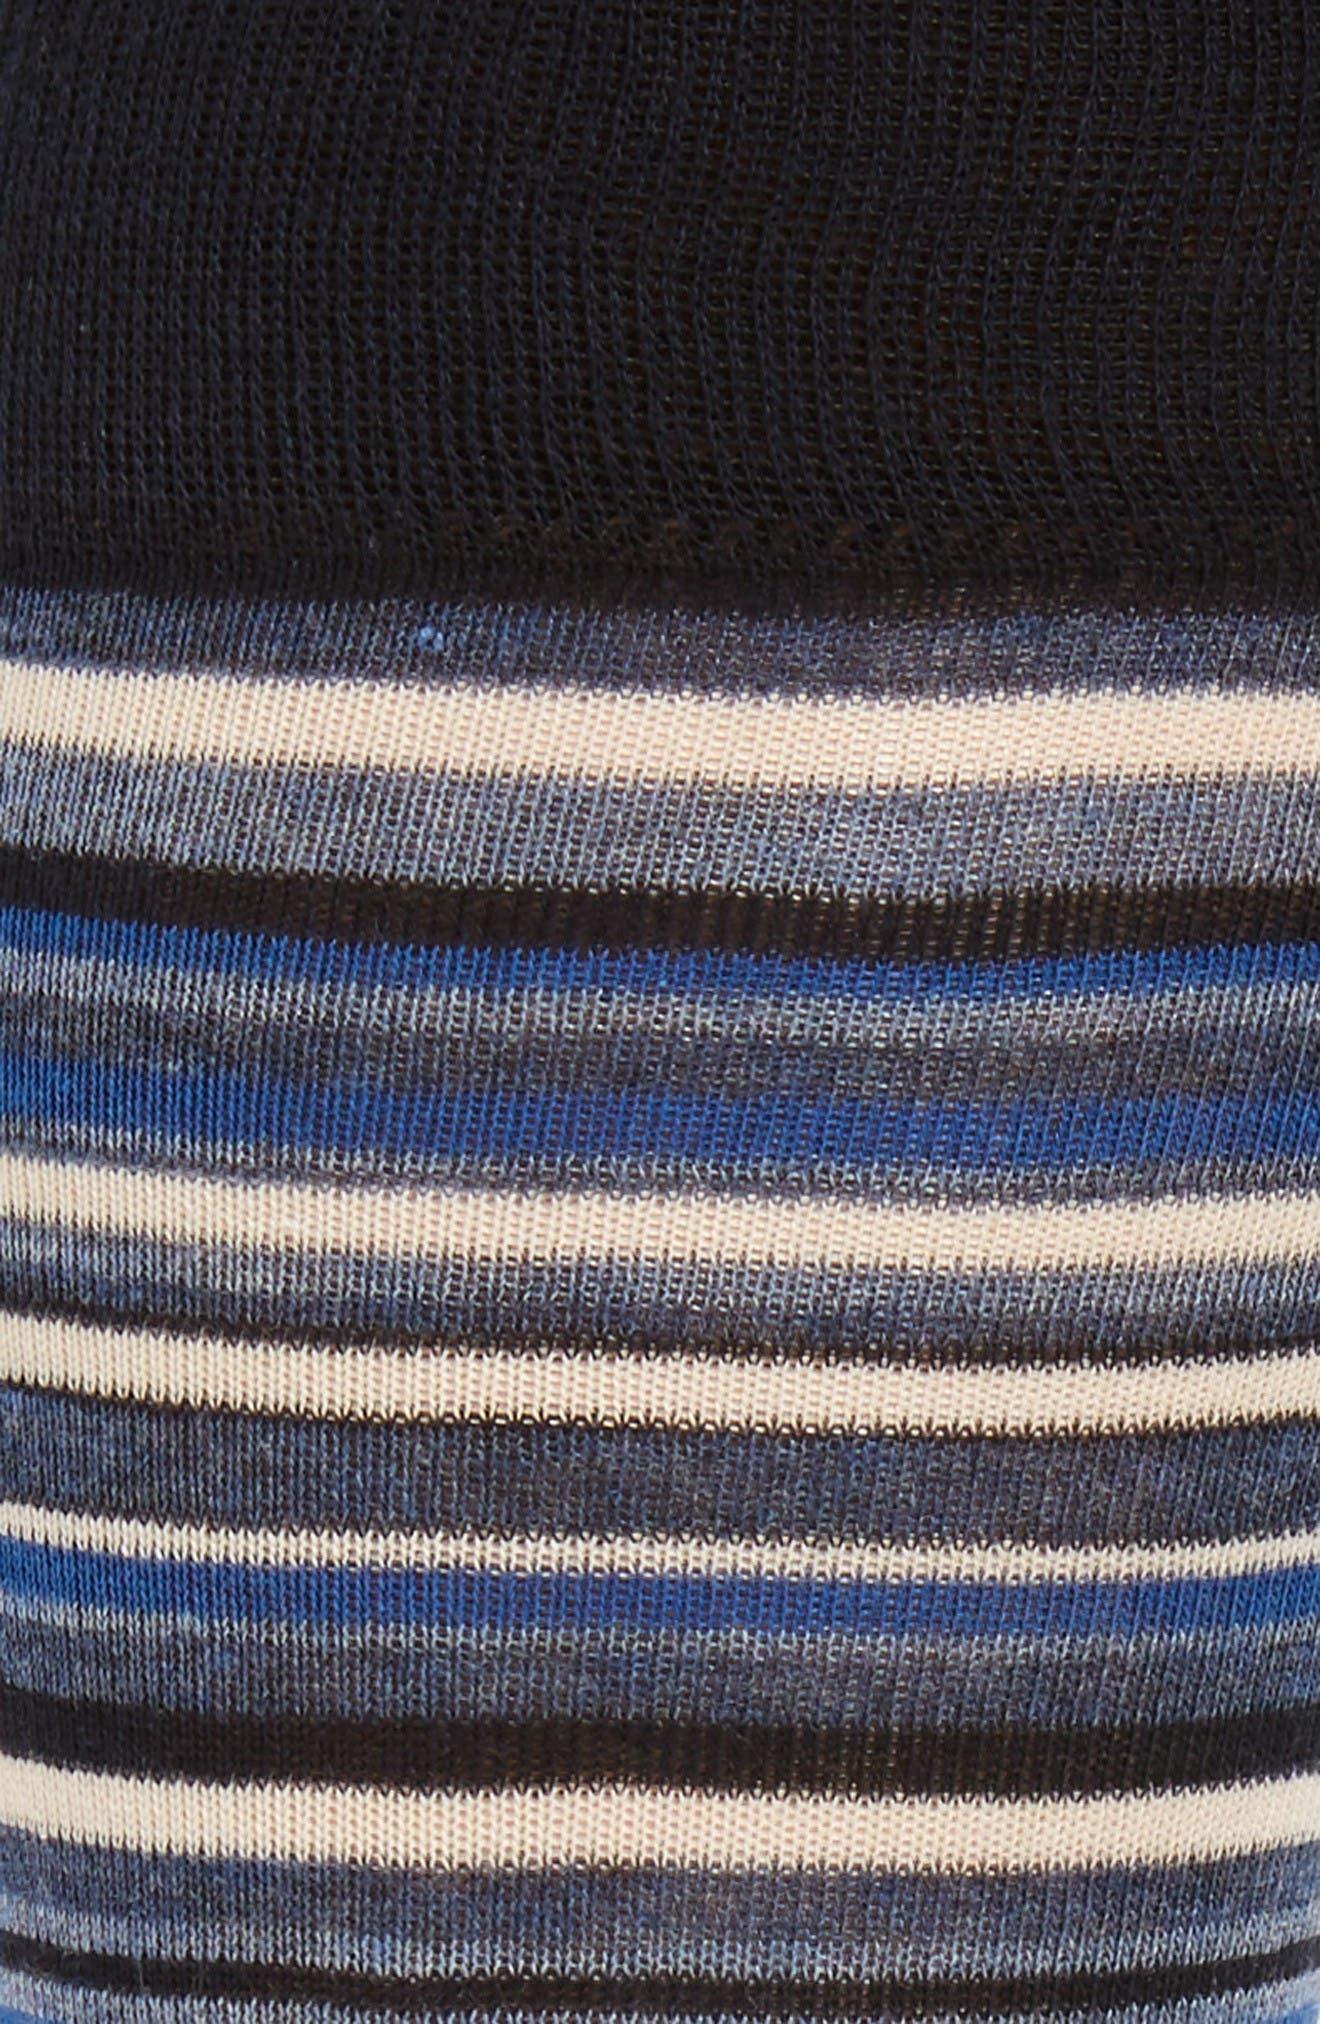 Town Stripe Crew Socks,                             Alternate thumbnail 2, color,                             Navy/ Astor Blue Stripe